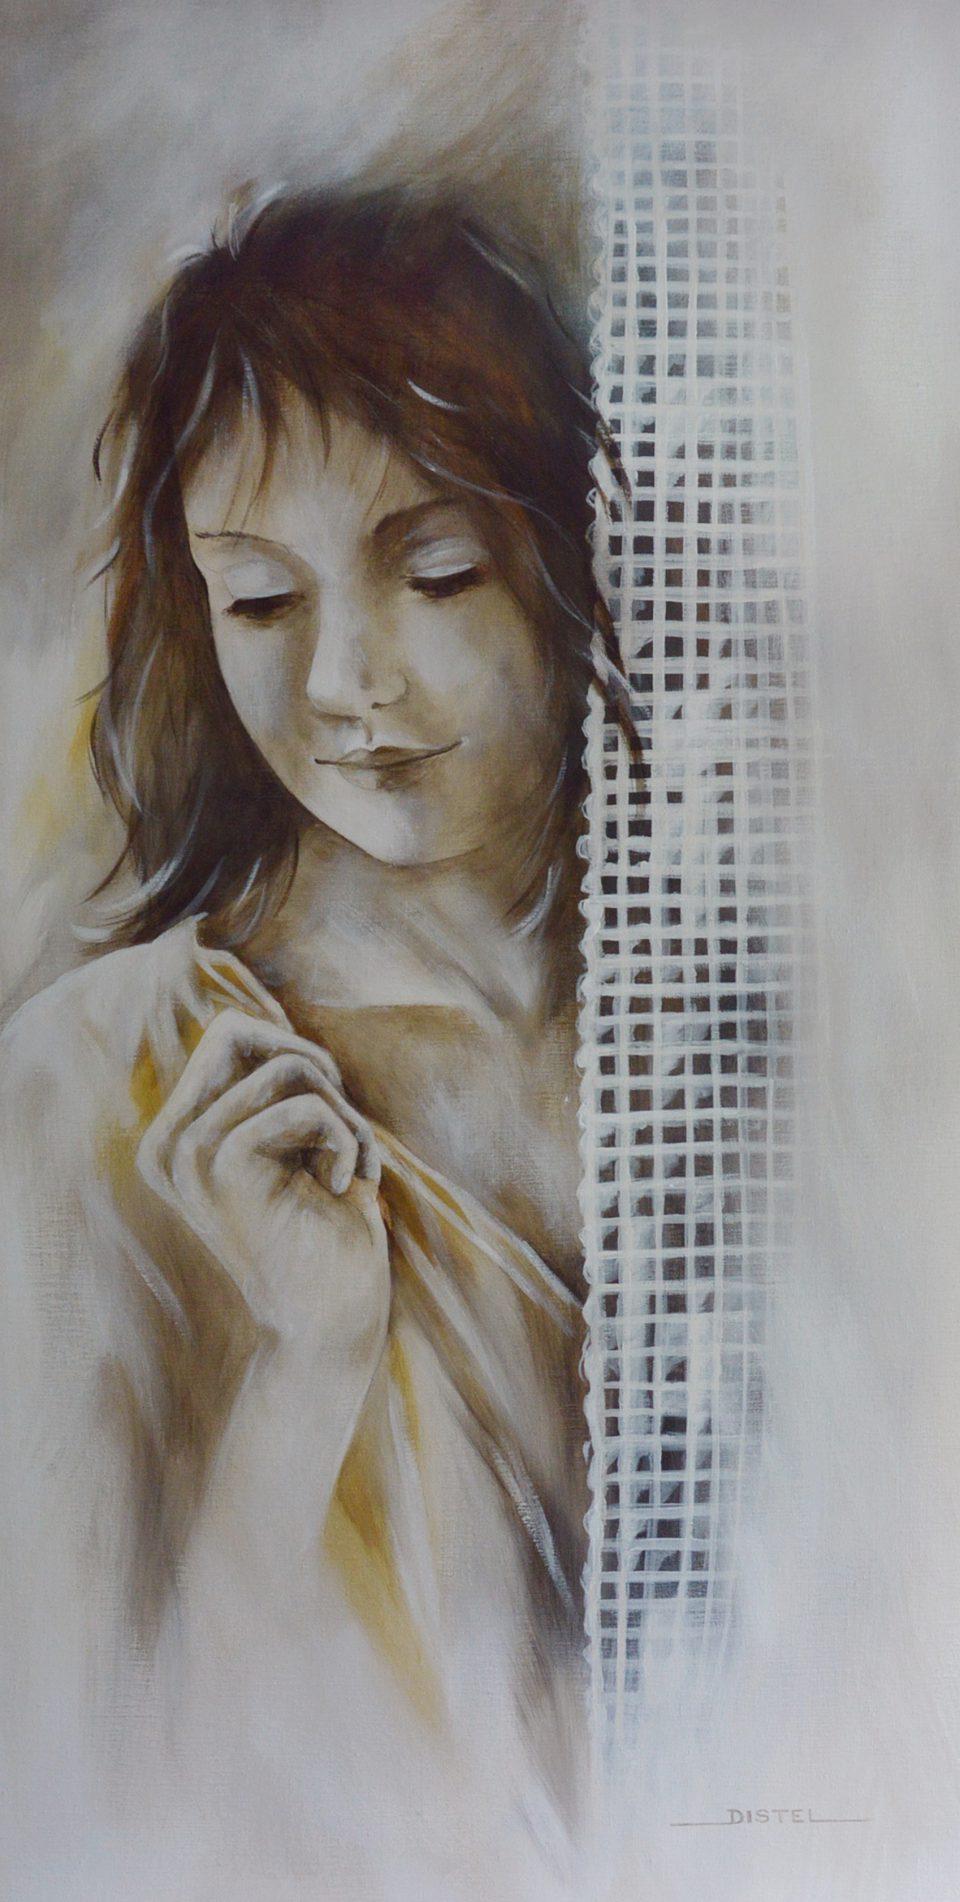 Distel - Behind the curtain 60 x 120